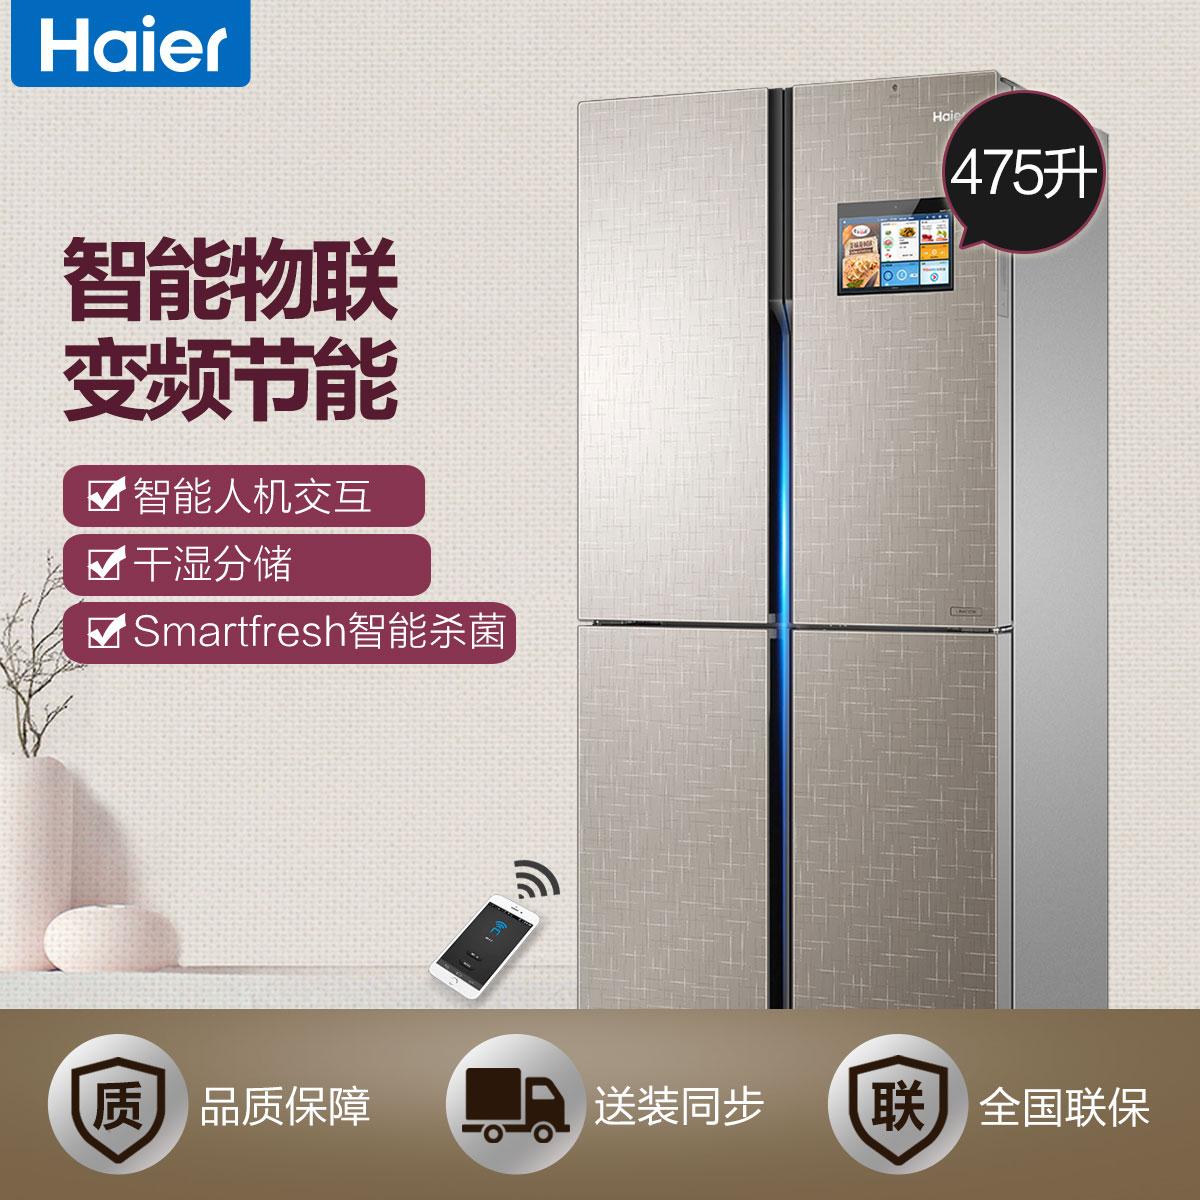 Haier/海尔 冰箱 BCD-475WDIDU1